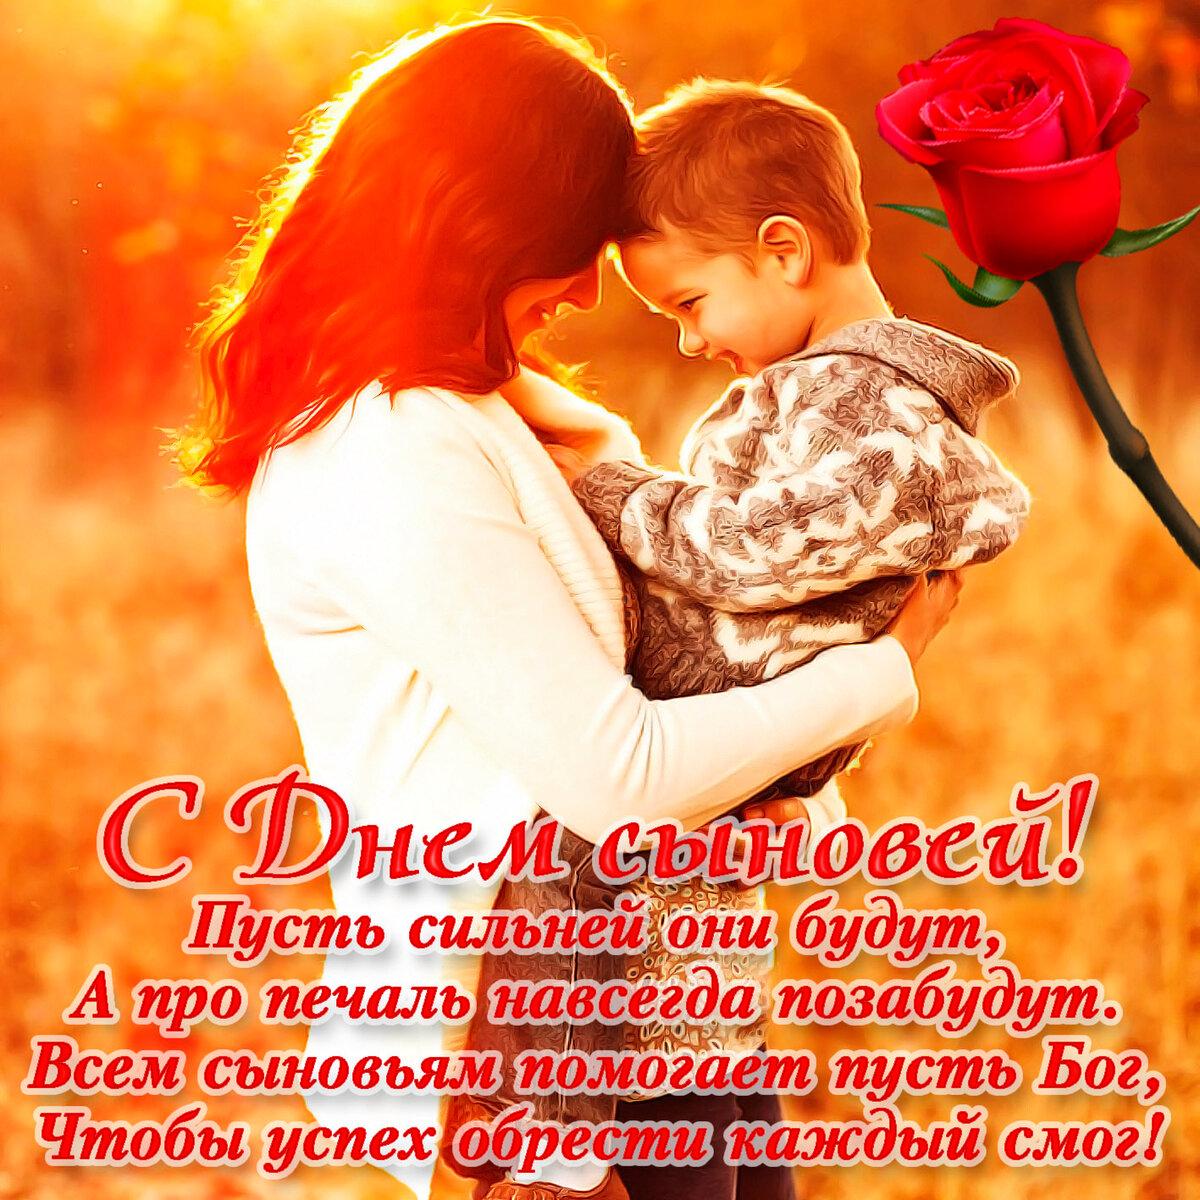 Стихи к празднику день сыновей